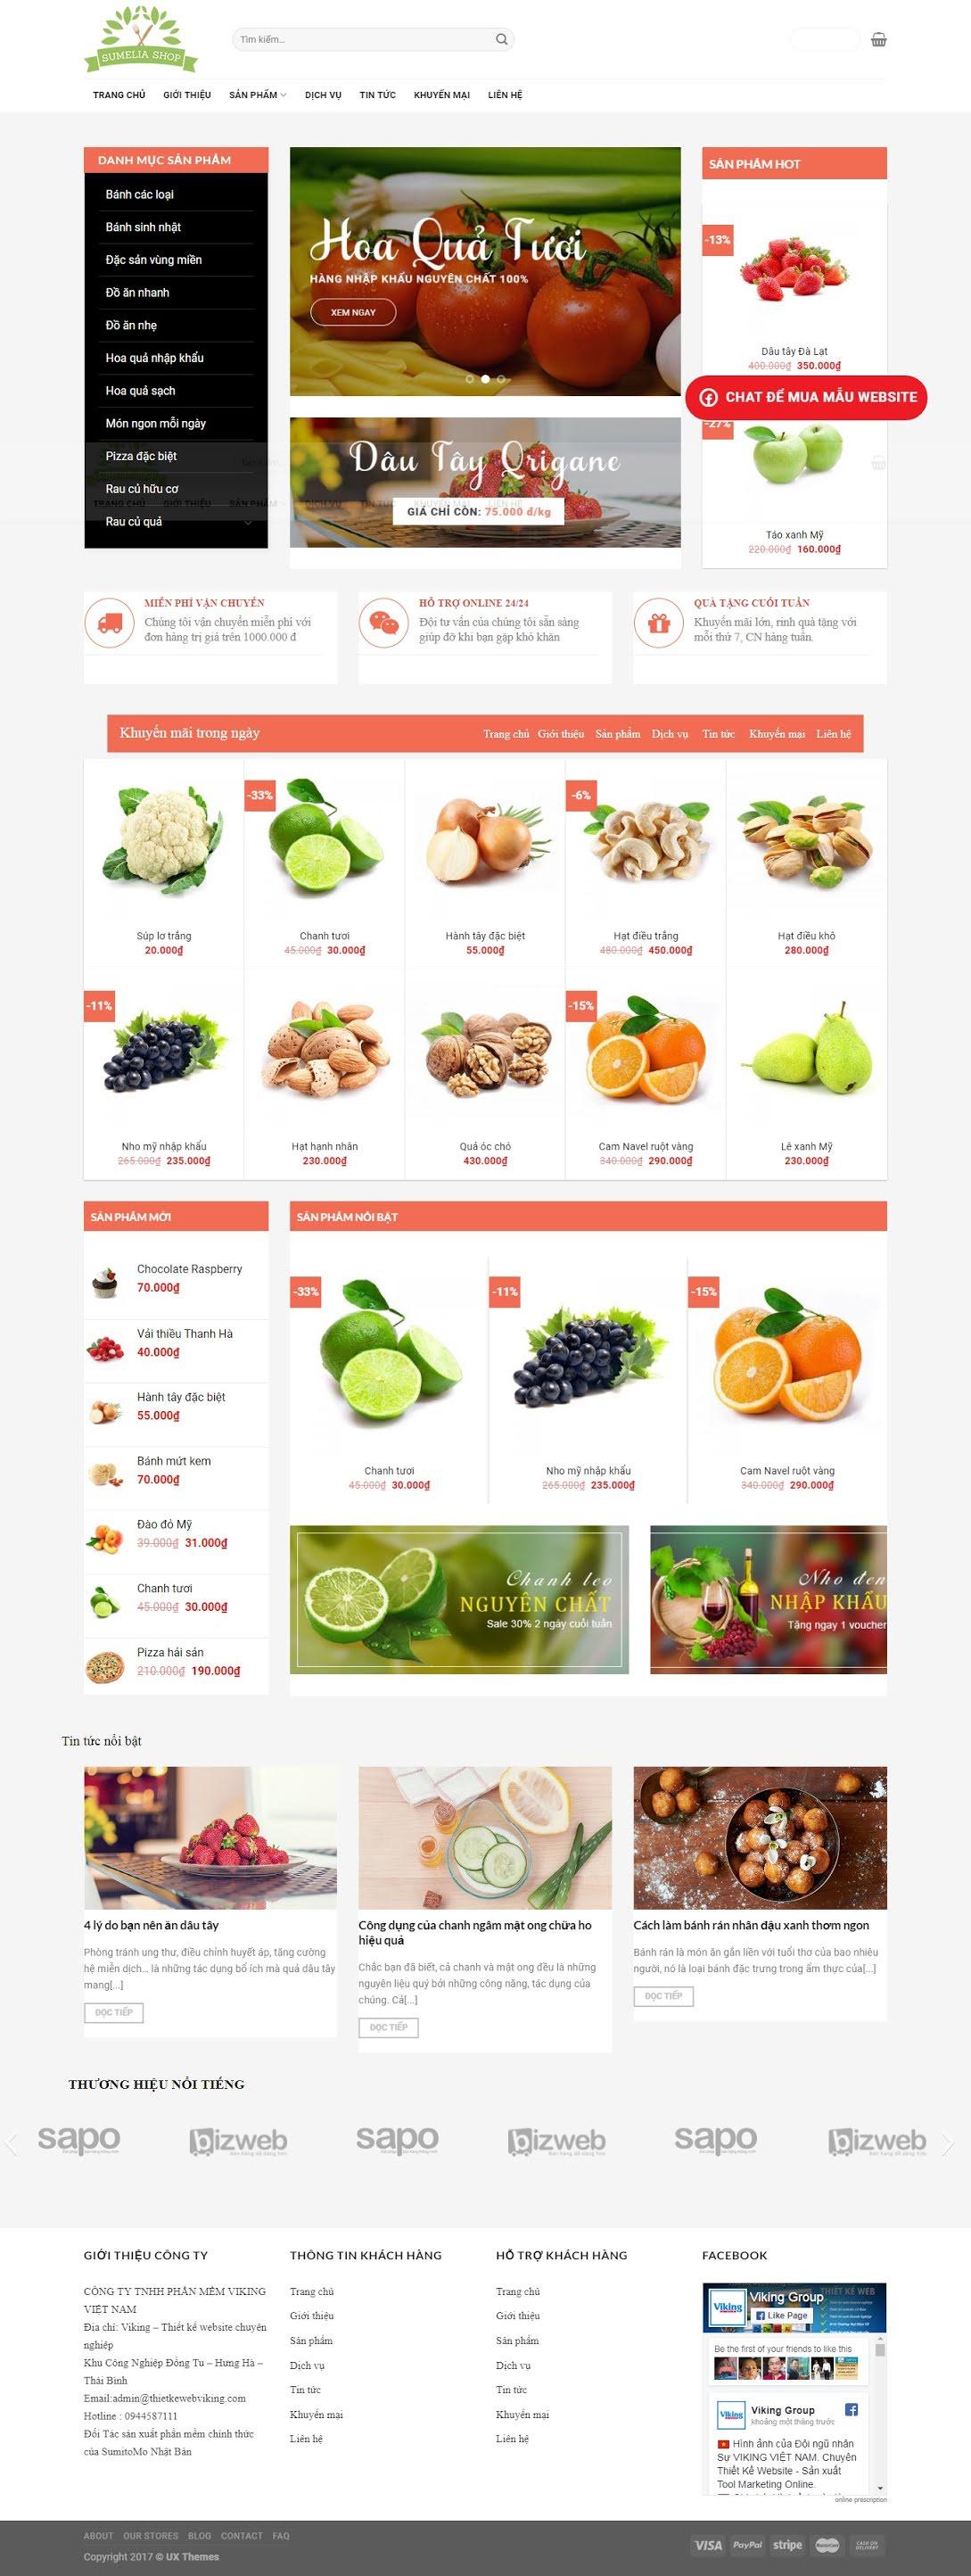 BÁN HÀNG 086 - hoa quả, trái cây